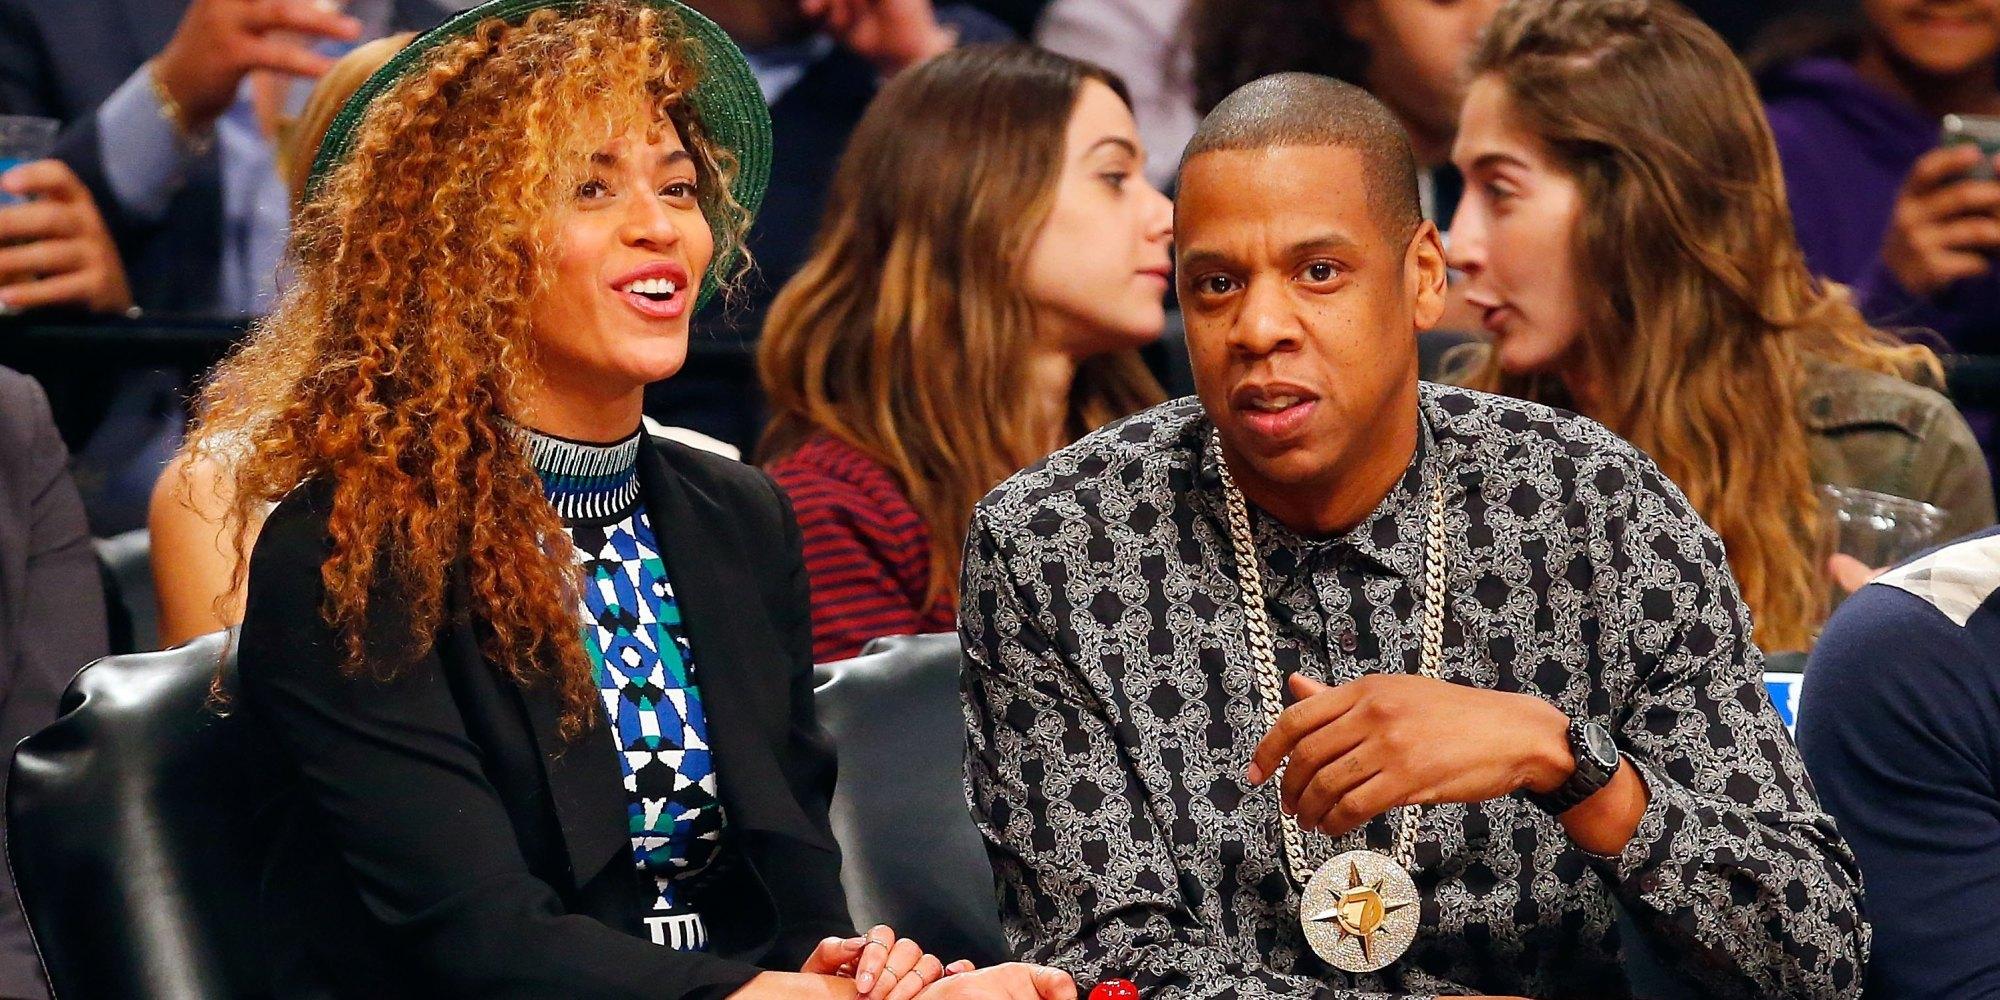 Jay-Z usando um cordão com o símbolo da Nação dos Cinco por Cento